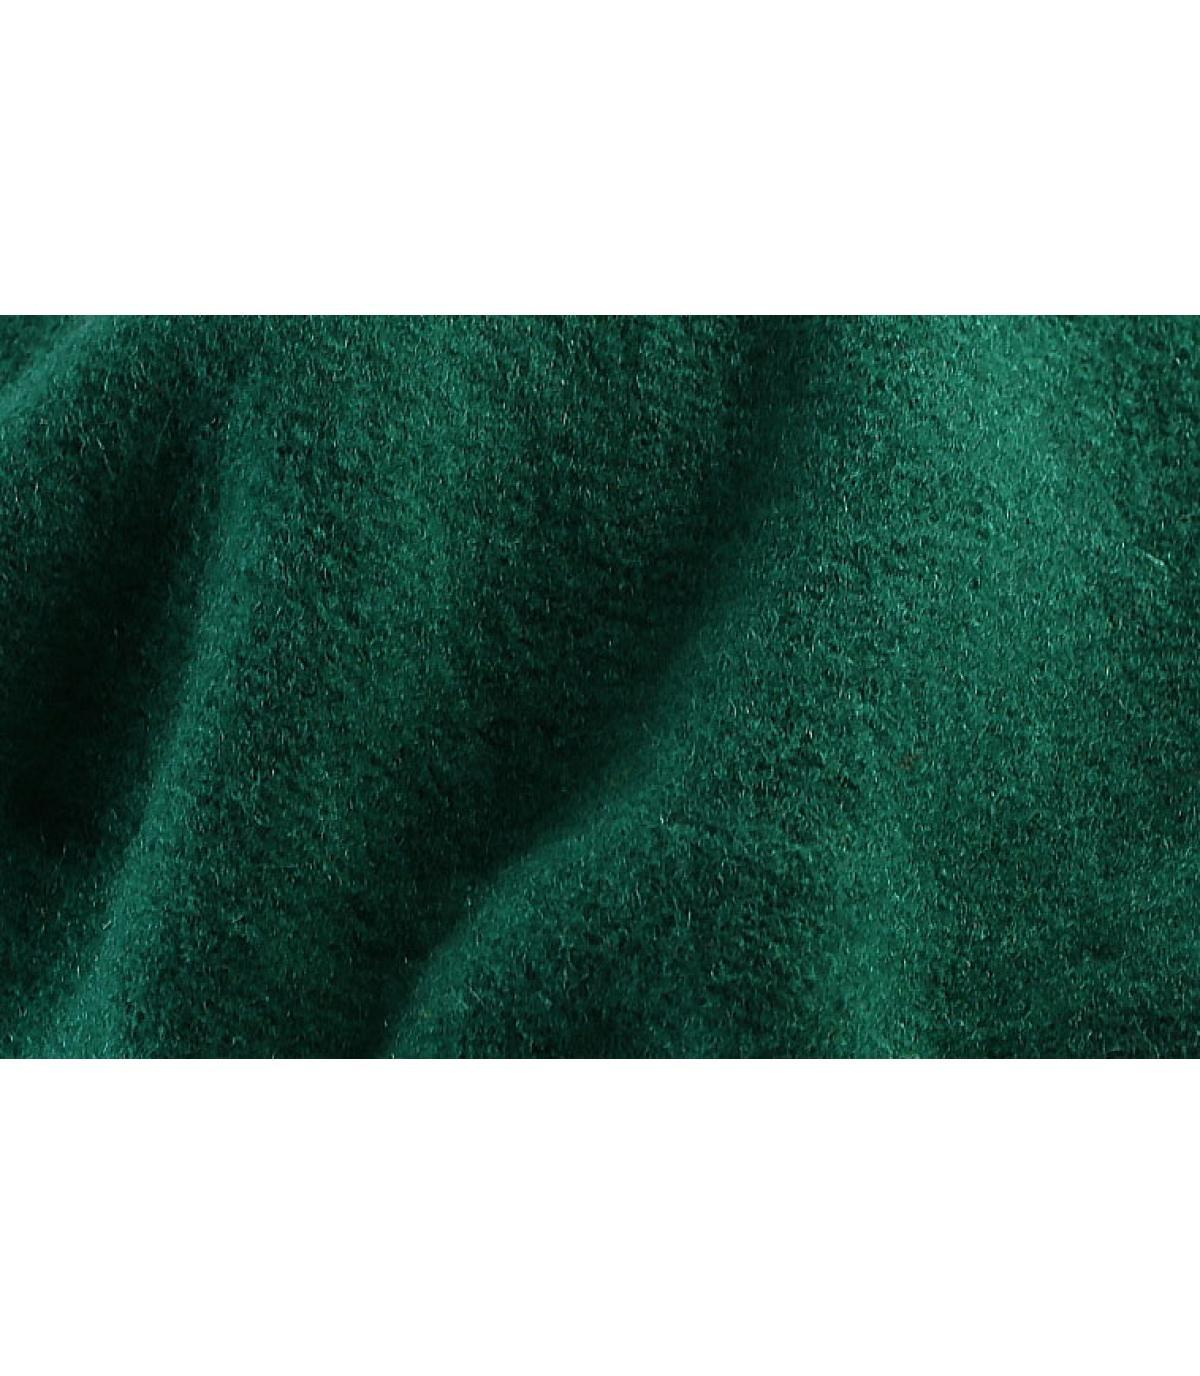 Détails Beret classique vert emeraude - image 3